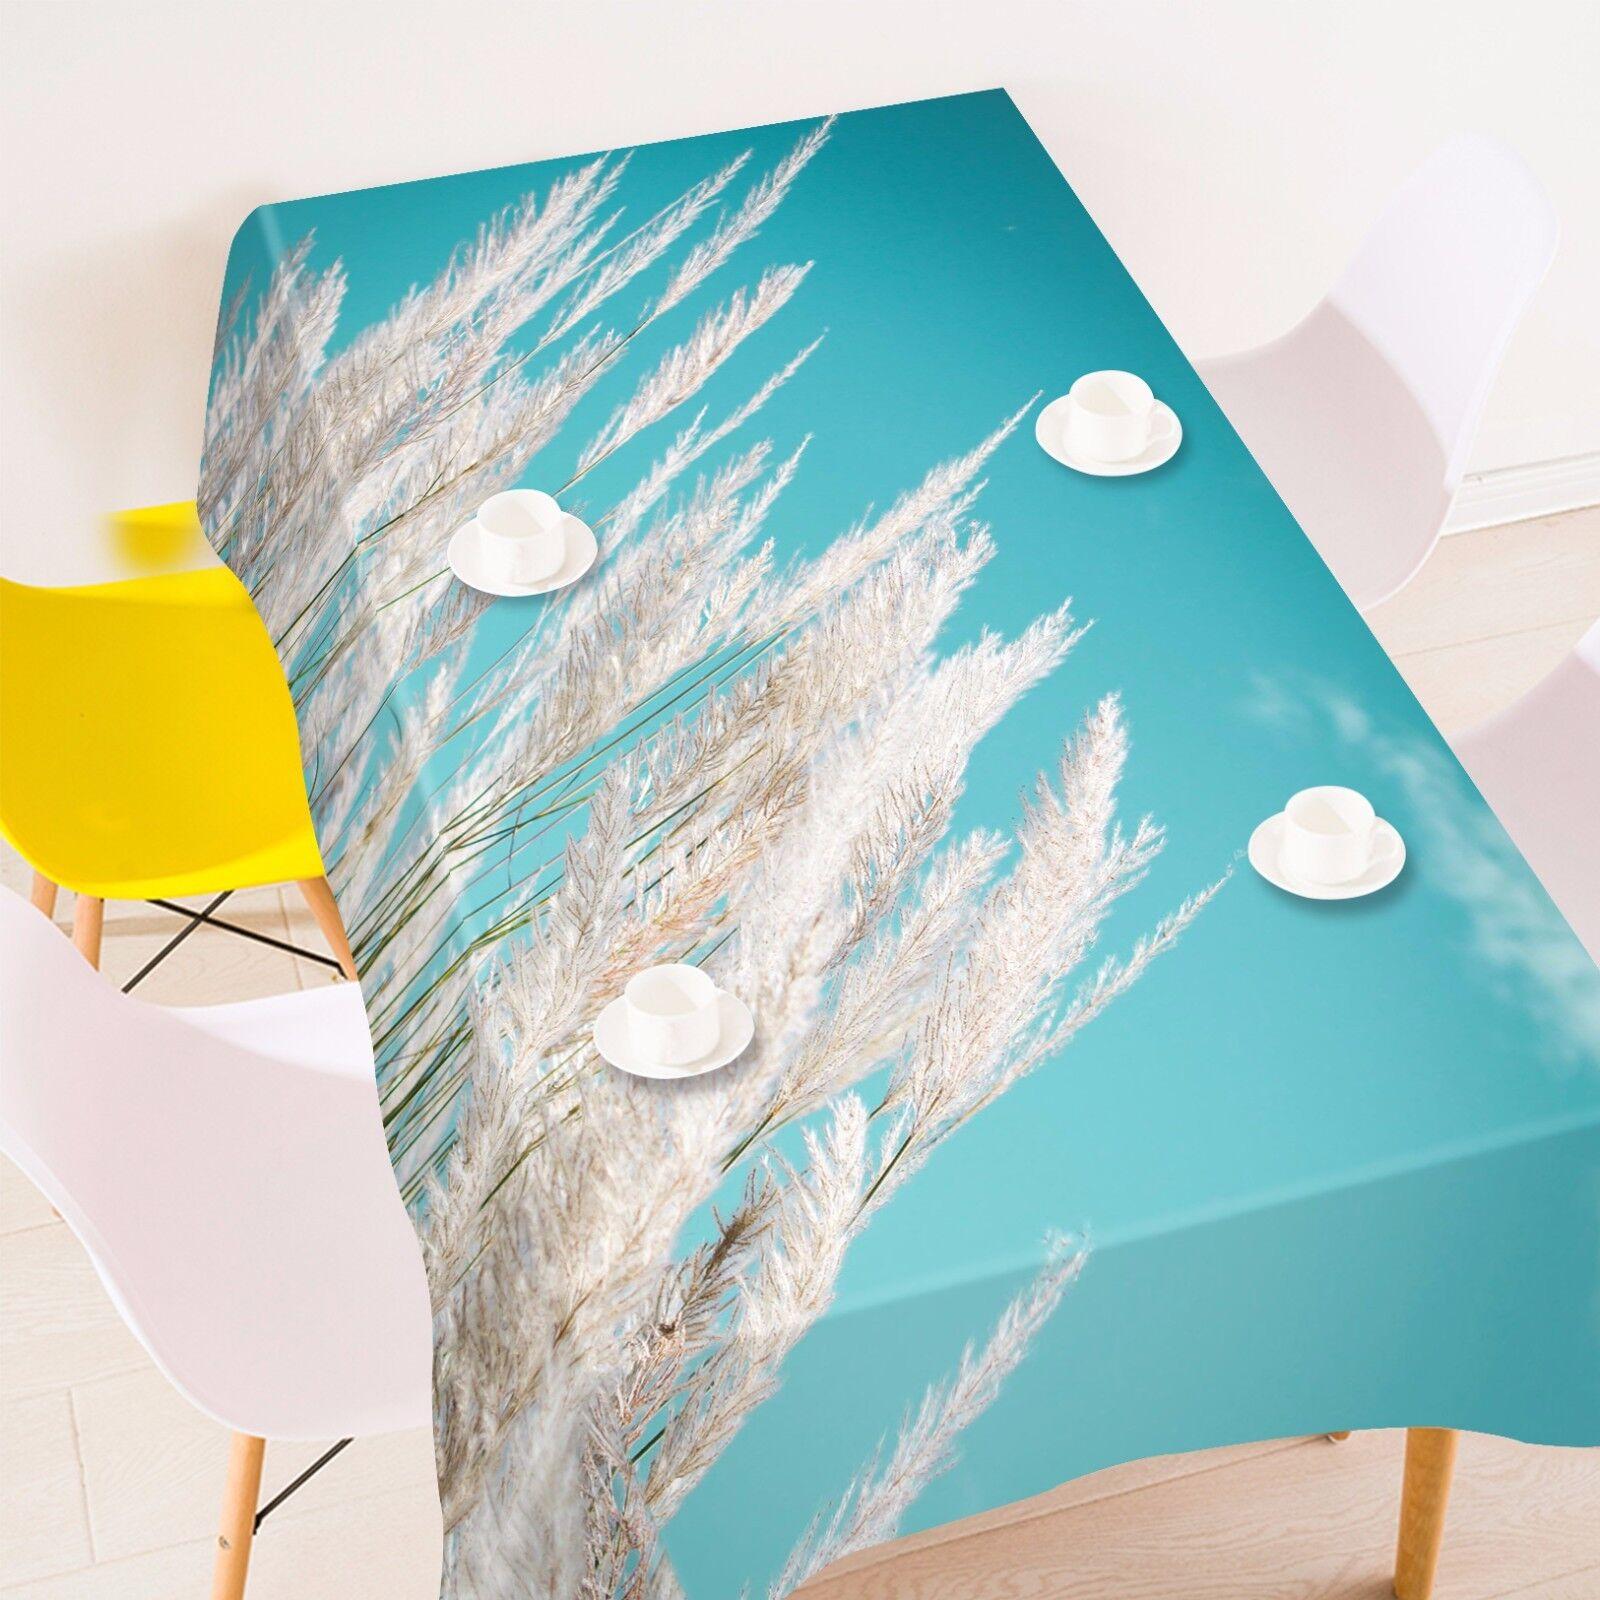 3D LA LUZERNE Nappe Table Cover Cloth fête d'anniversaire AJ papier peint Royaume-Uni Citron